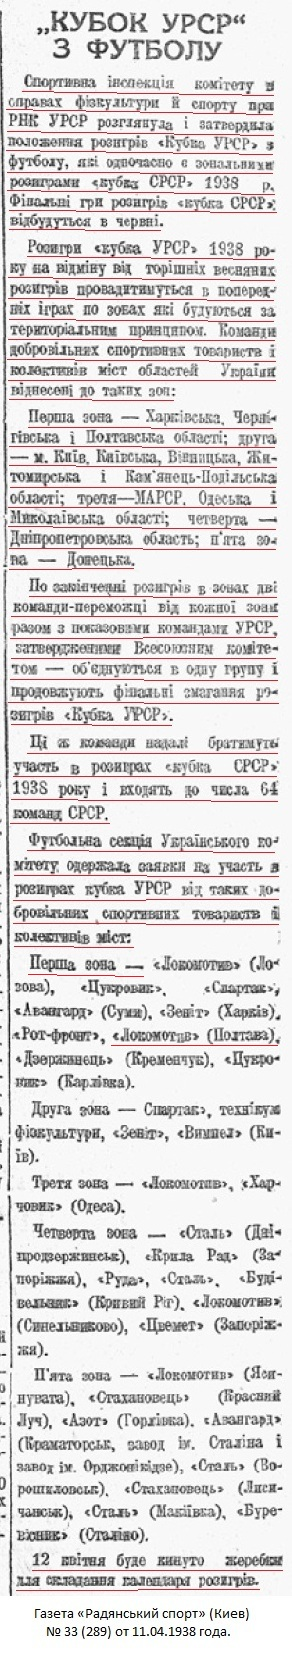 Трактор (Харьков) - Локомотив (Полтава) +:- неявка